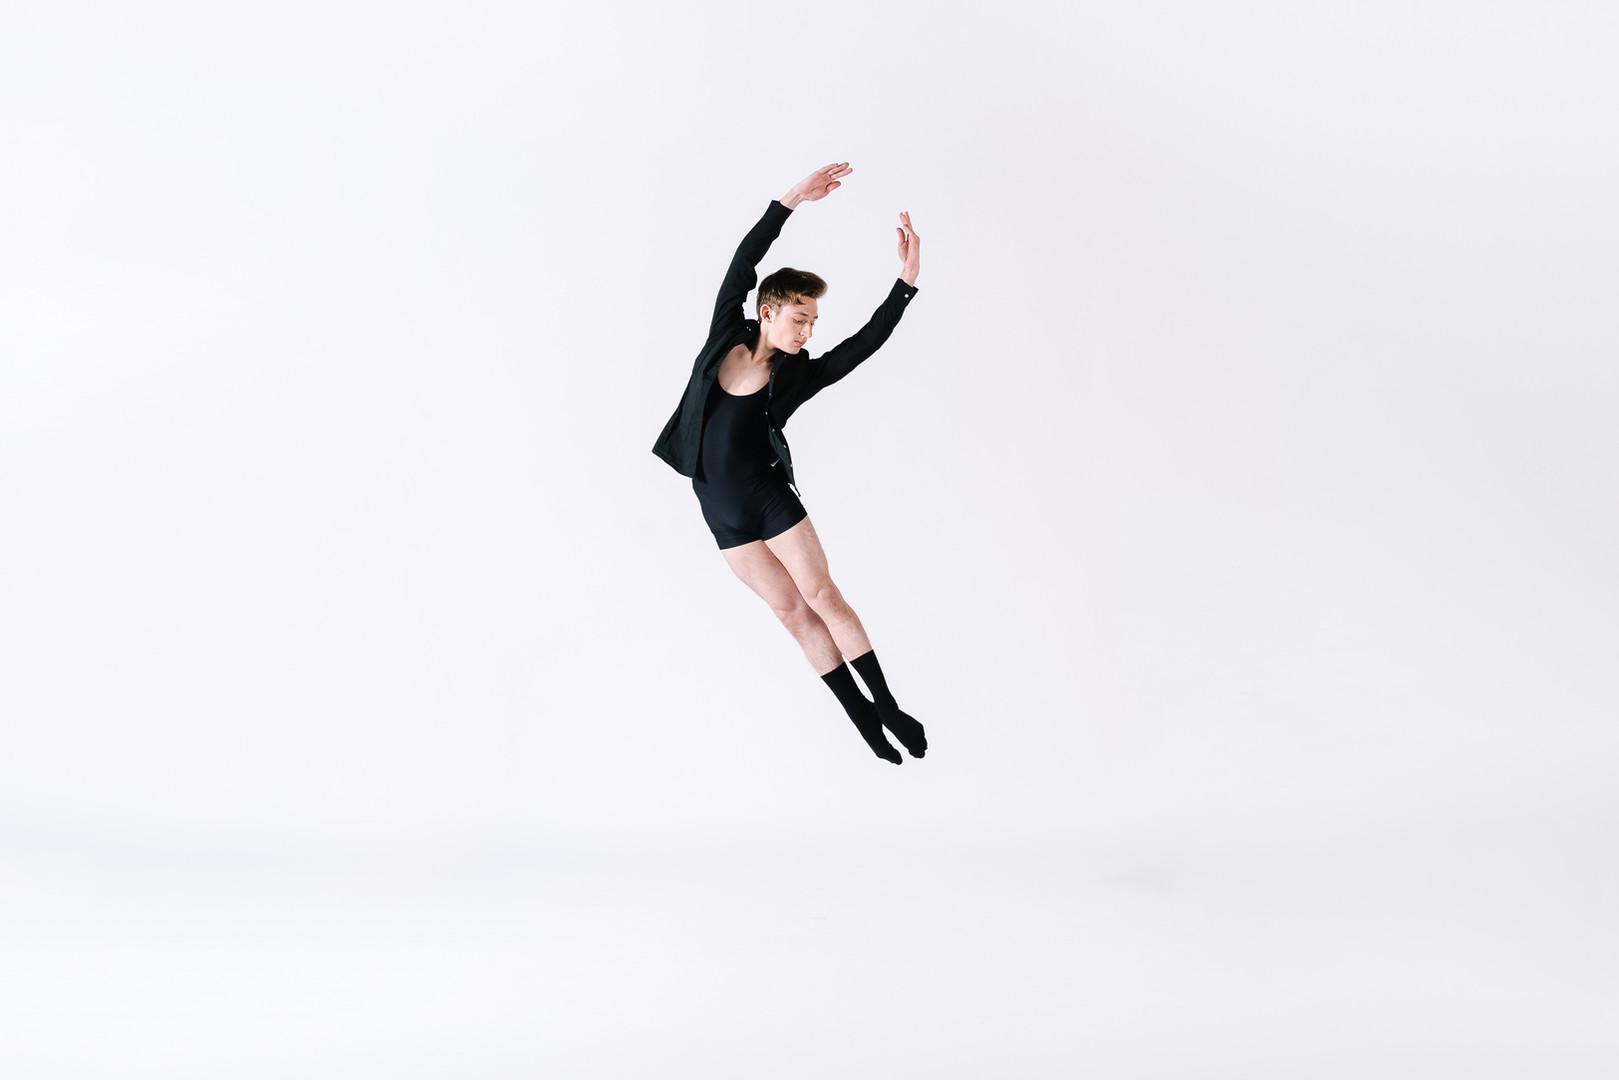 manchester-dance-photographer-19.jpg